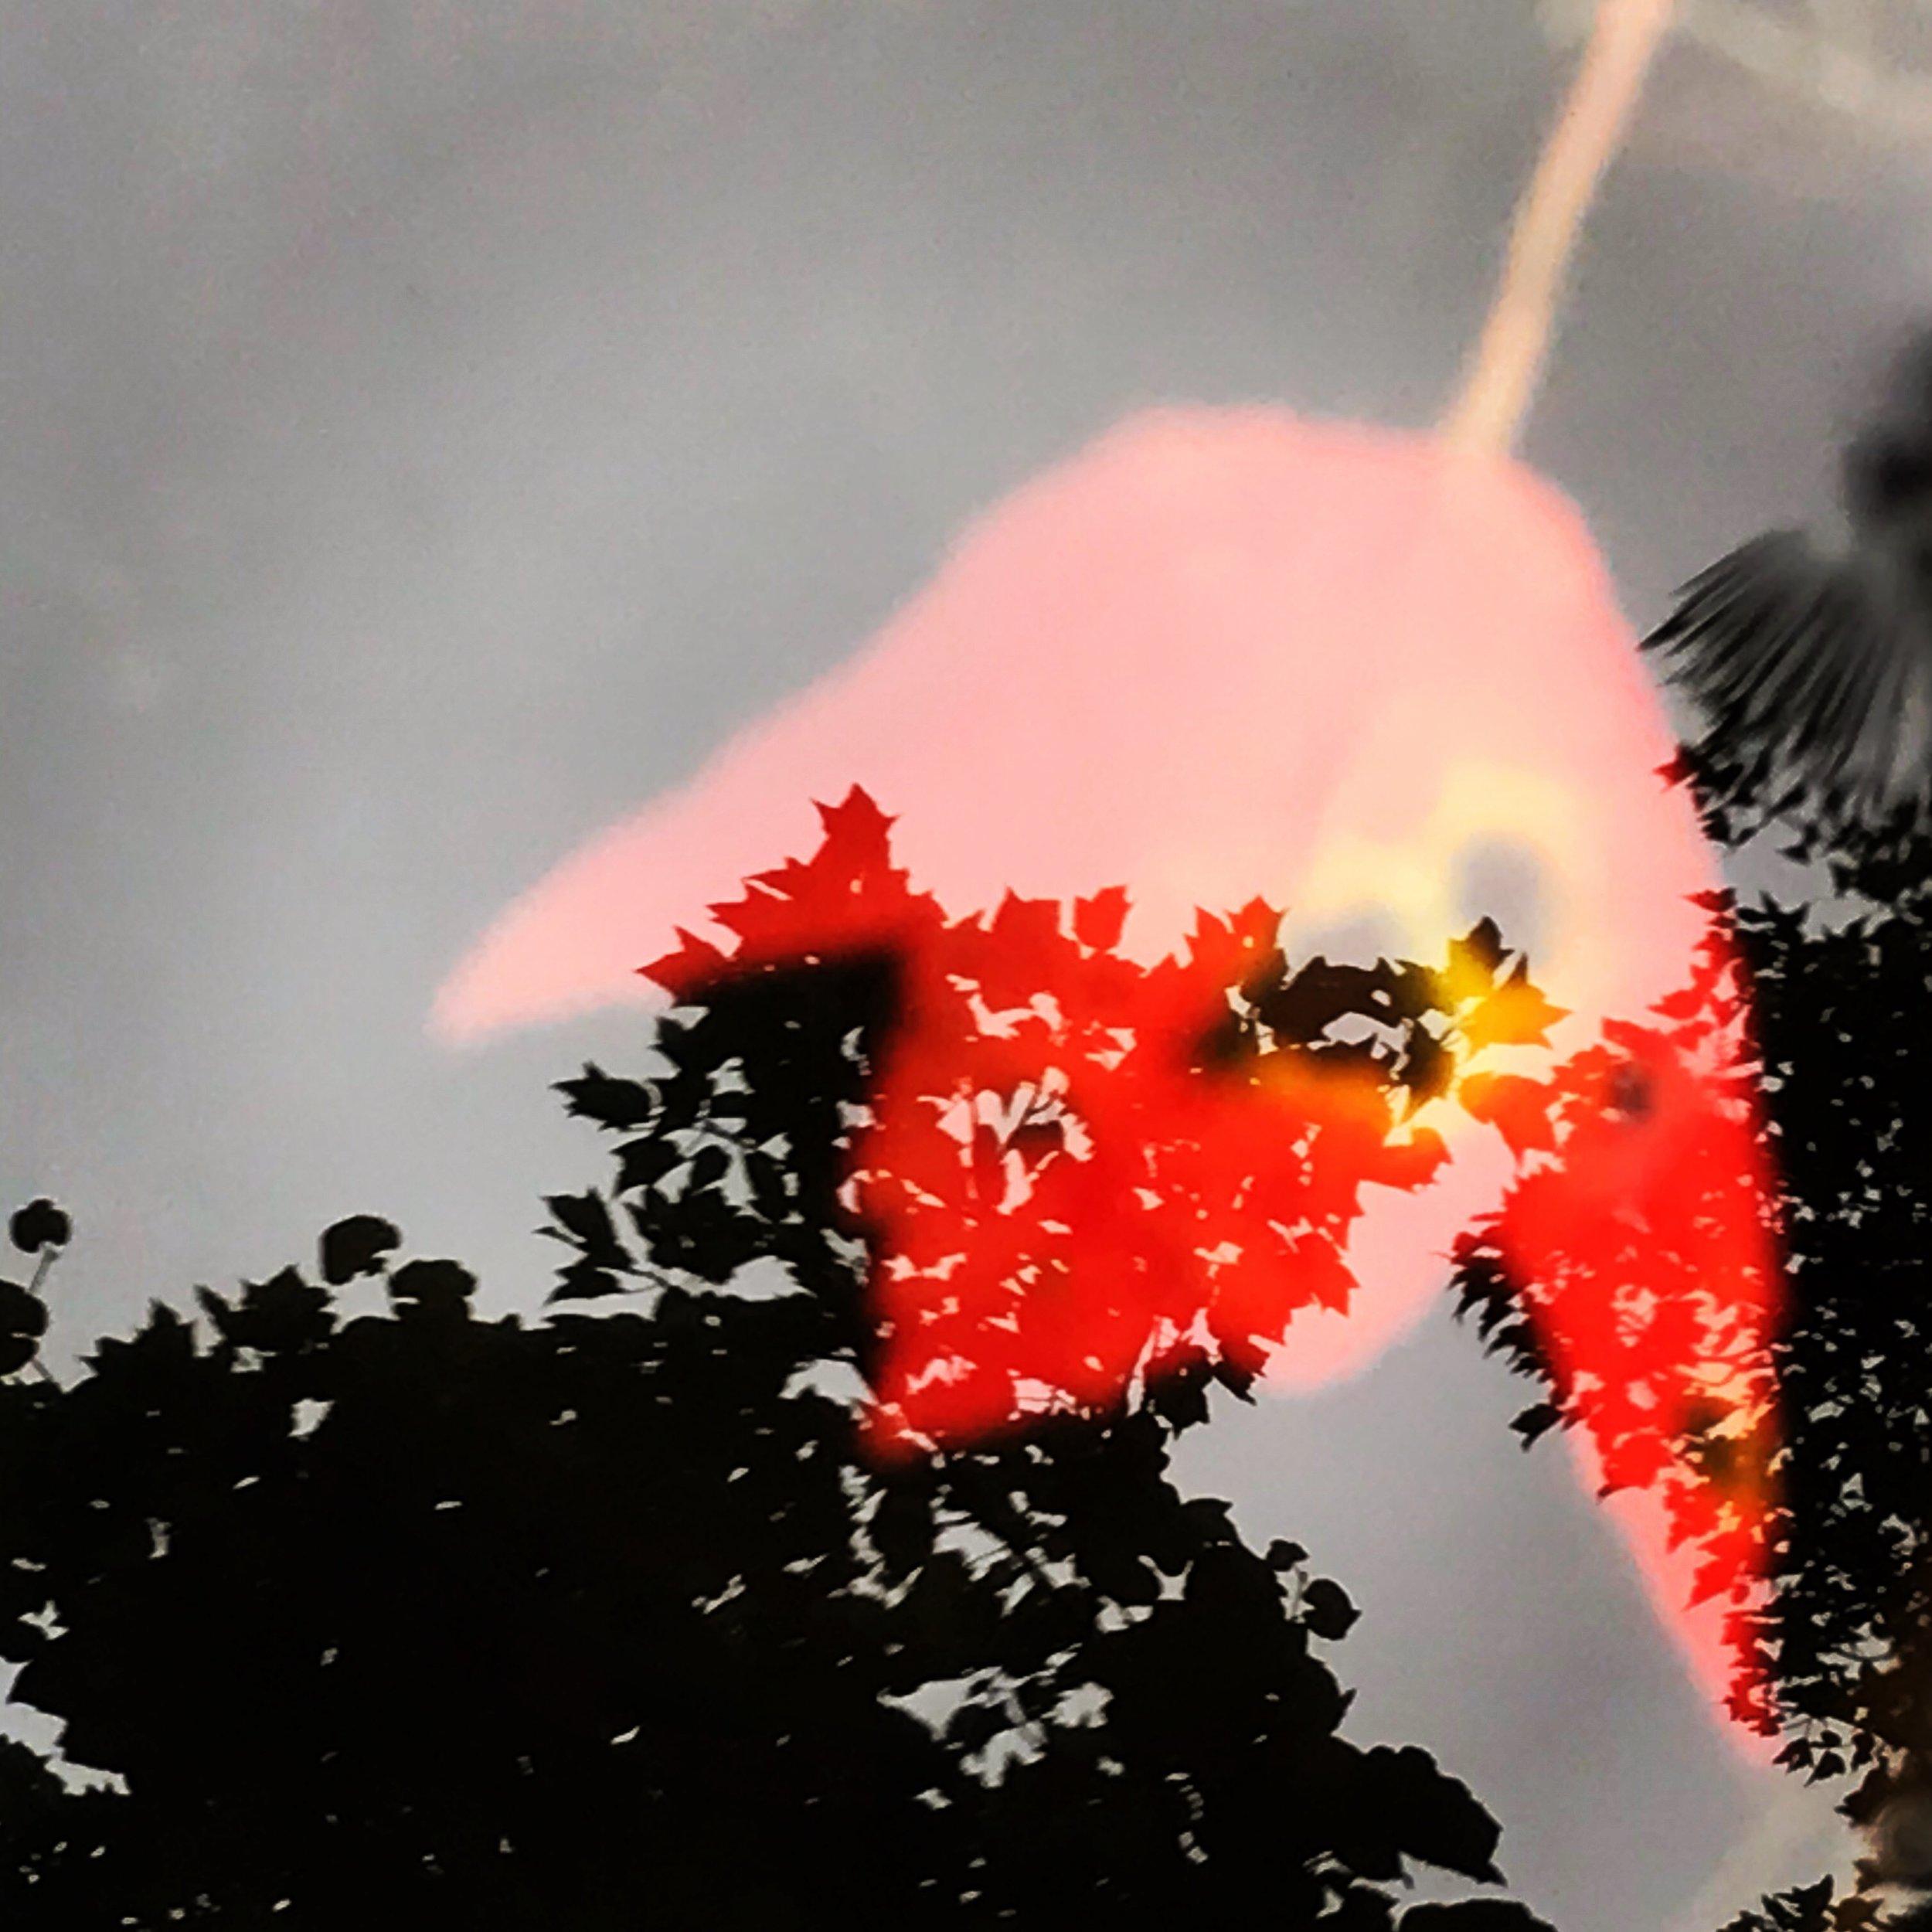 Red leaf, Charles River